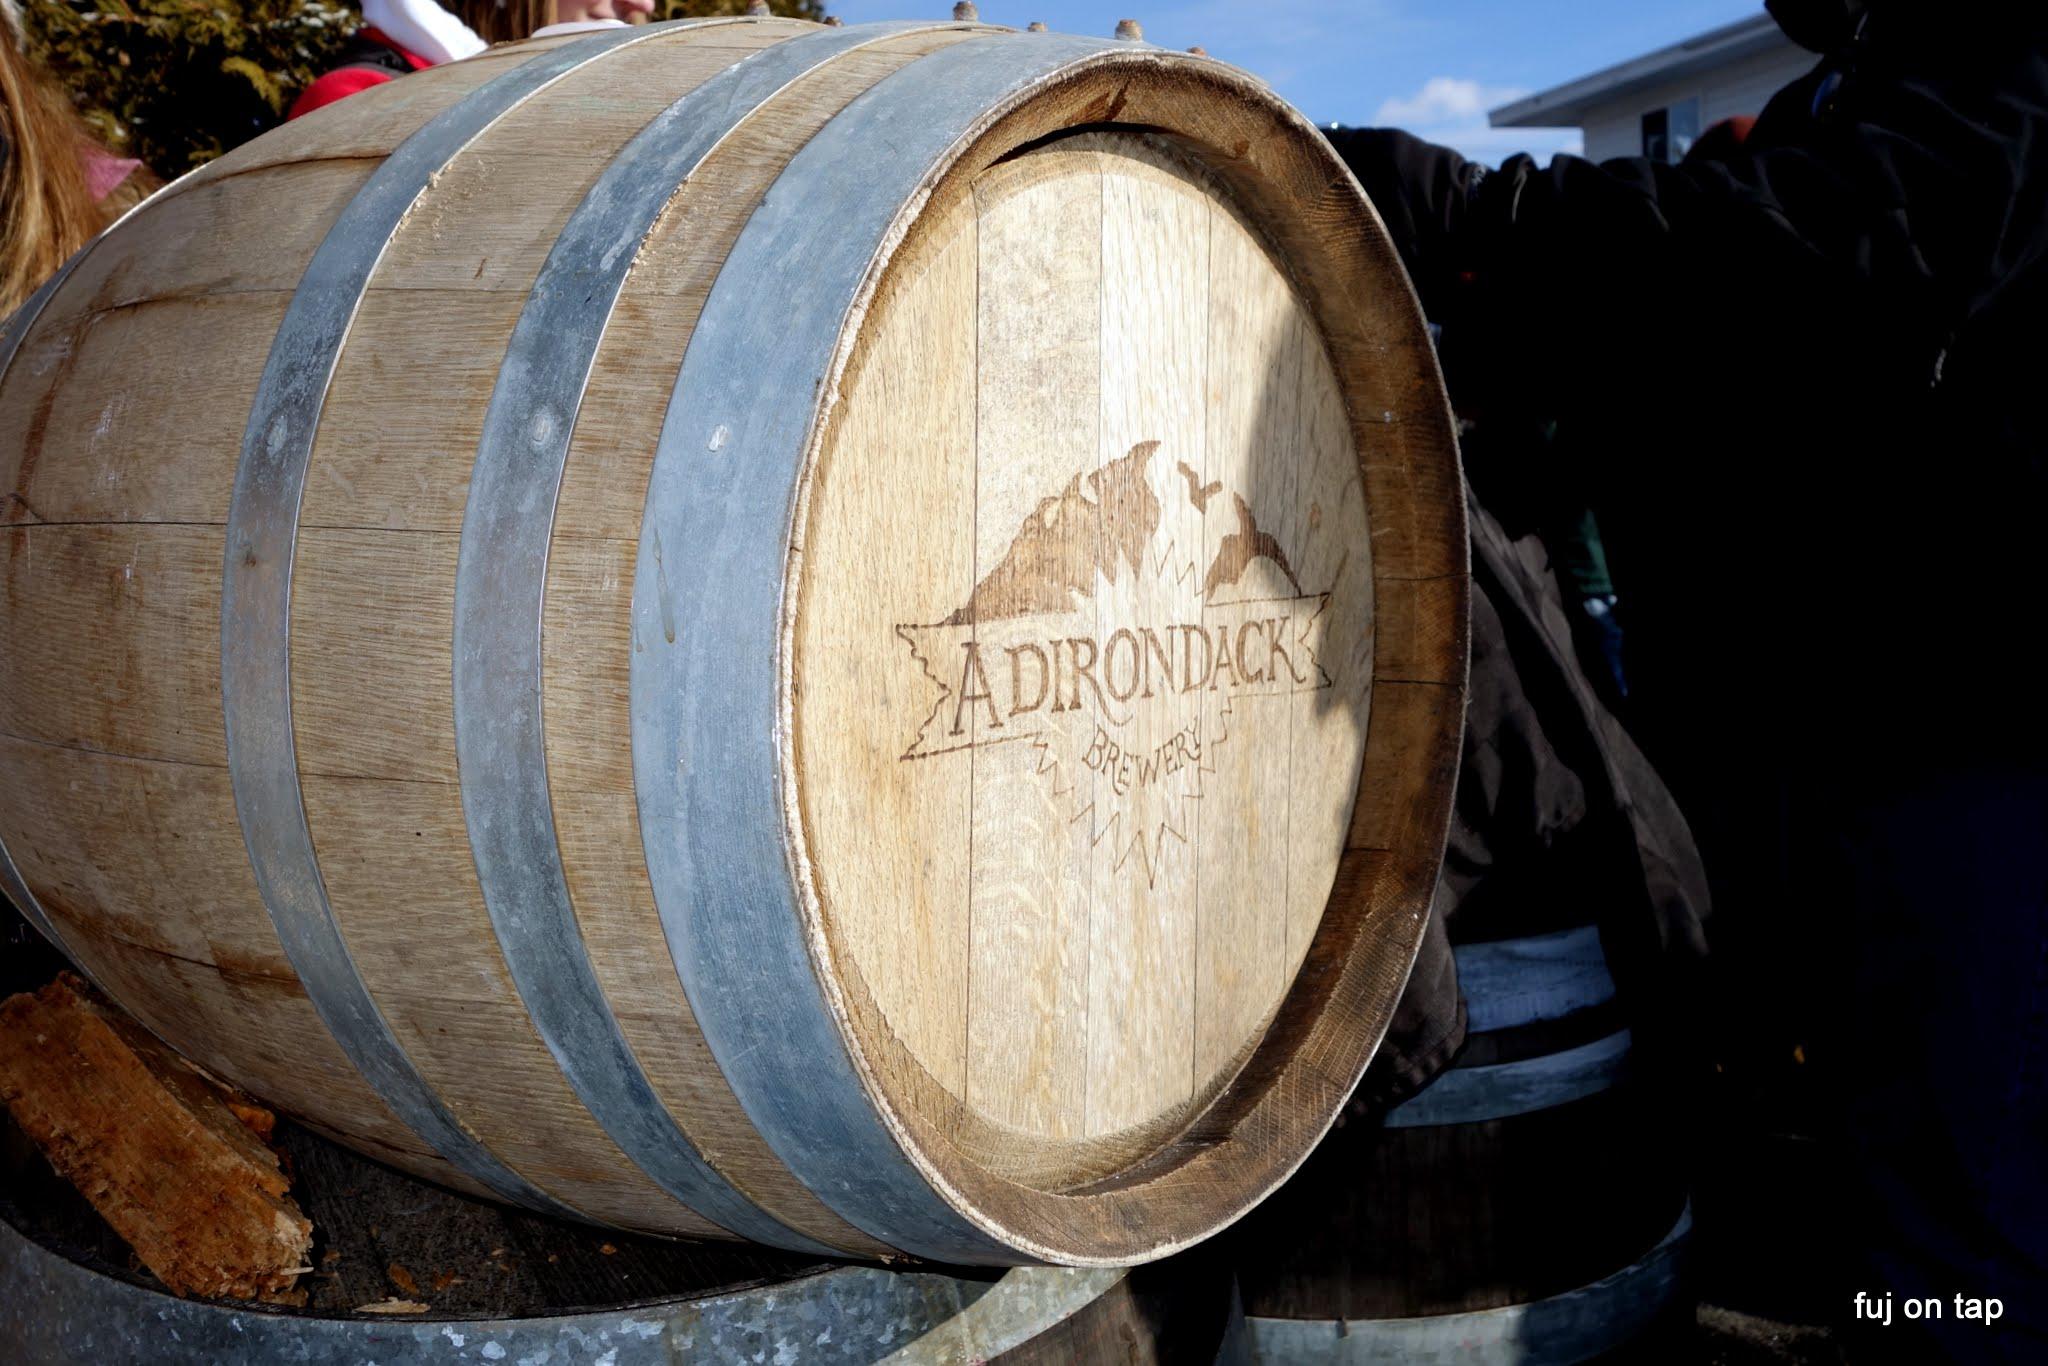 Adirondack Pub & Brewery Festival of Barrels